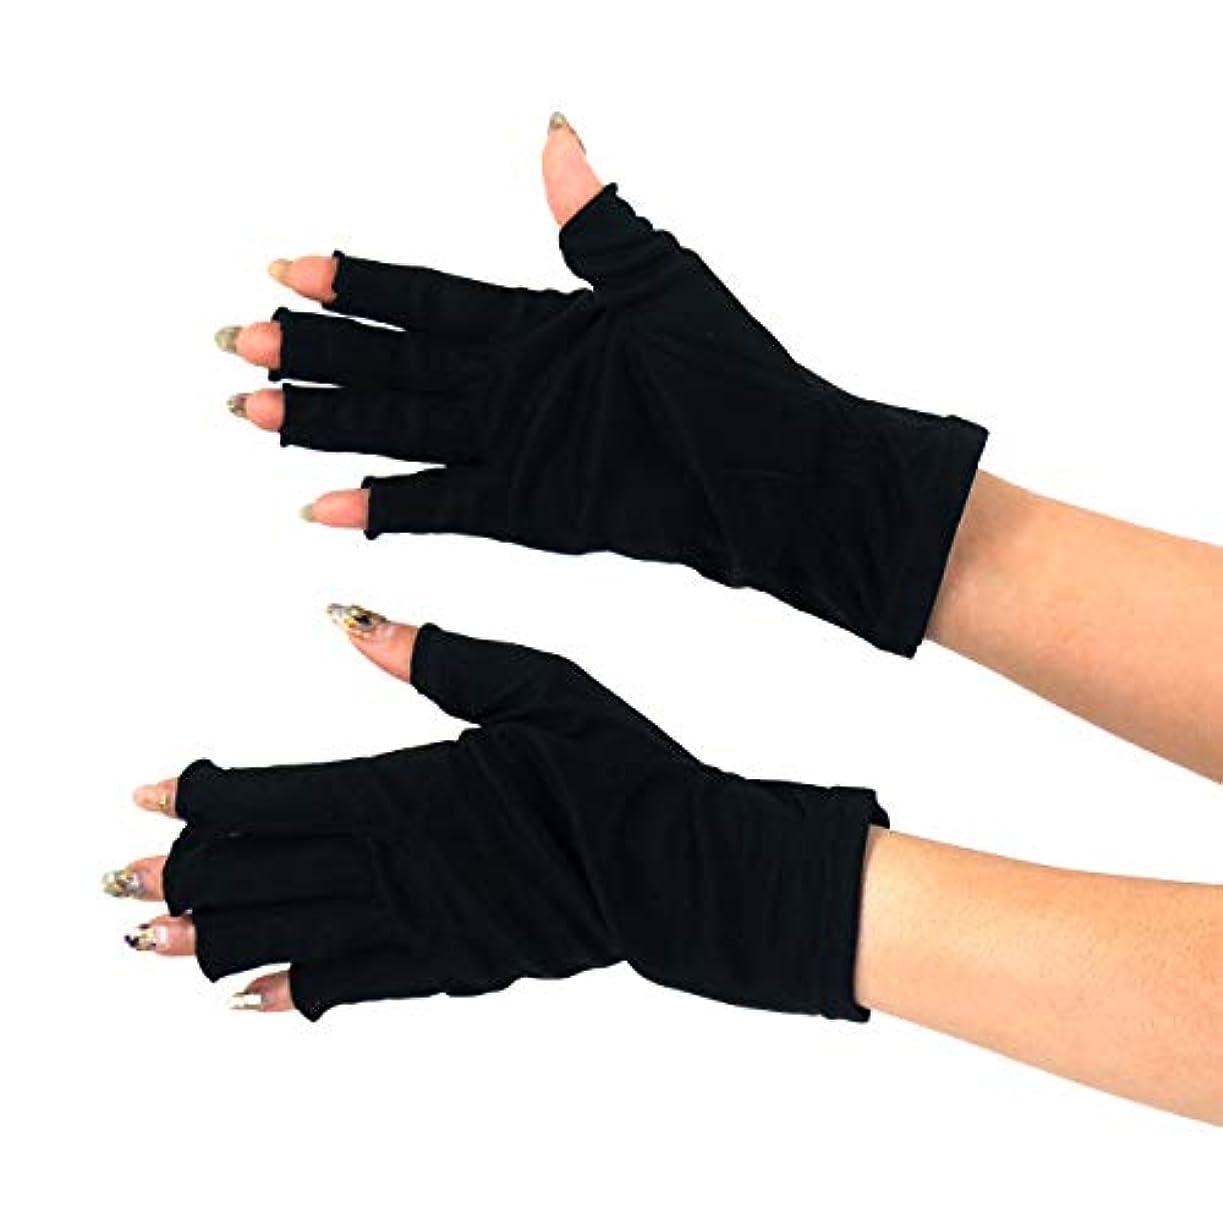 キャンセル換気するくつろぐ[スリーピングシープ] ひんやり サラサラ シルク100% UV 手袋 ハンドケア UV 手袋 手のお手入れに (M, 指切りブラック)